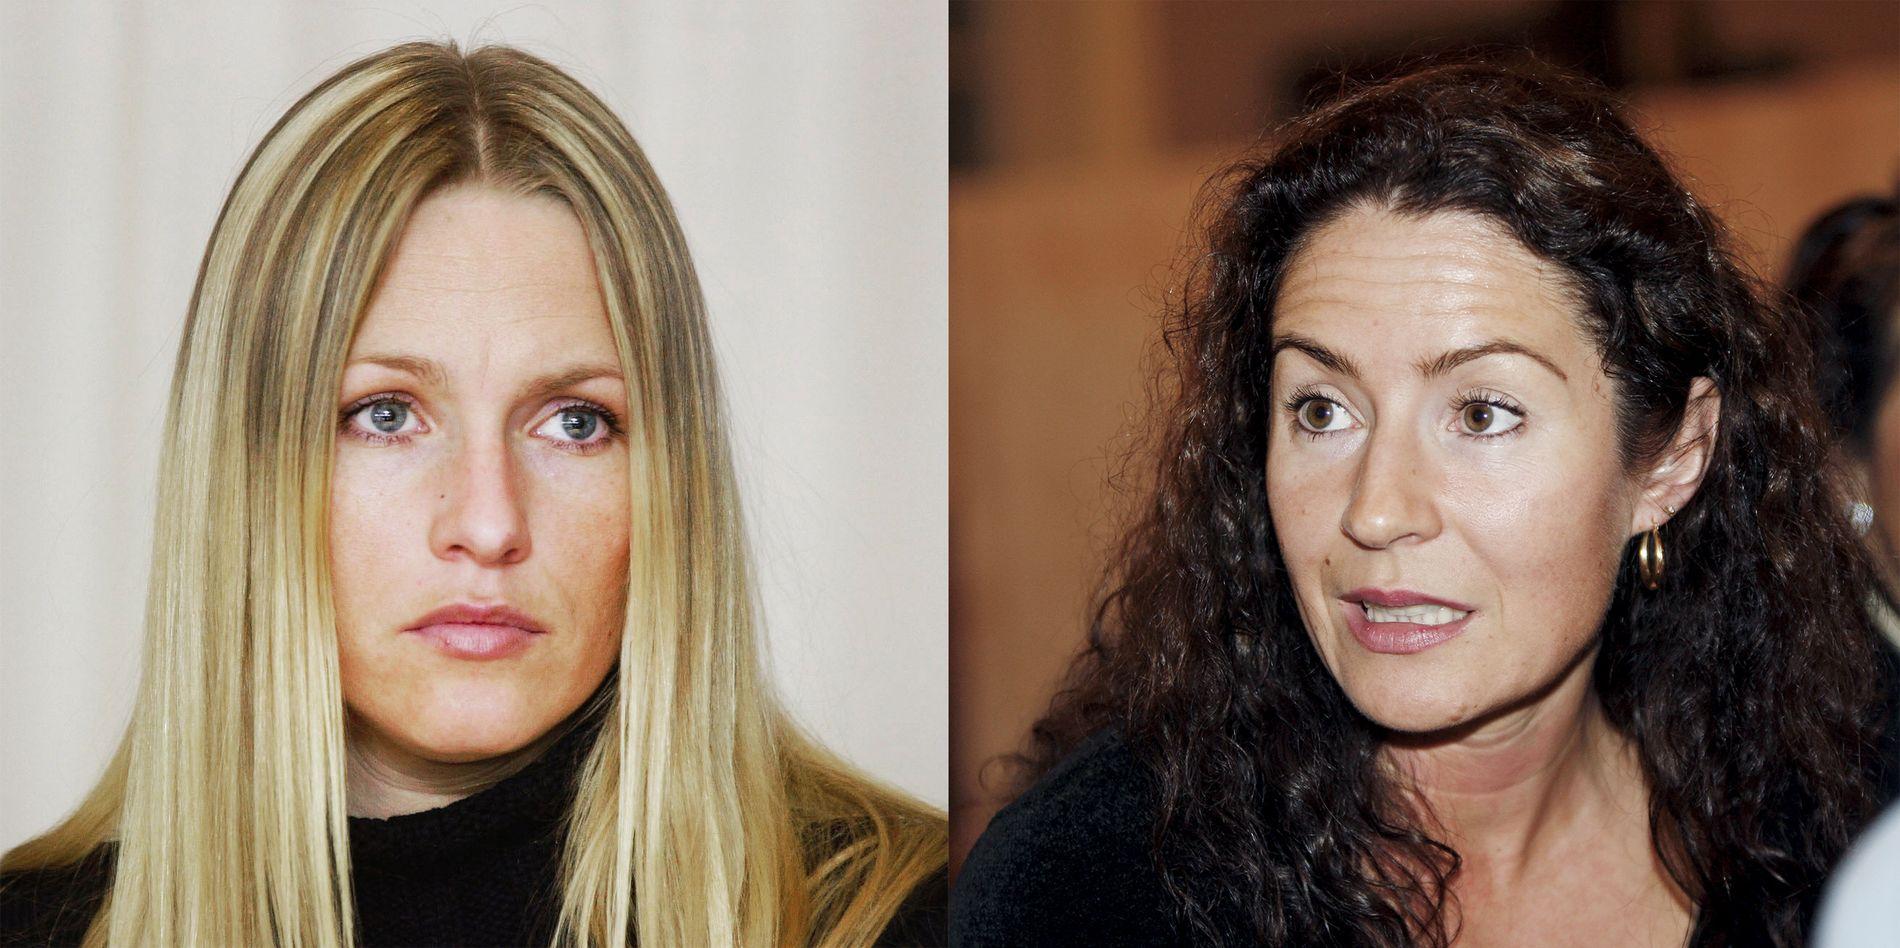 PARTENE: Kristin Kirkemo (44) og broren har saksøkt Veronica Orderud (45) og søsteren etter at deres felles mor døde i oktober i fjor.